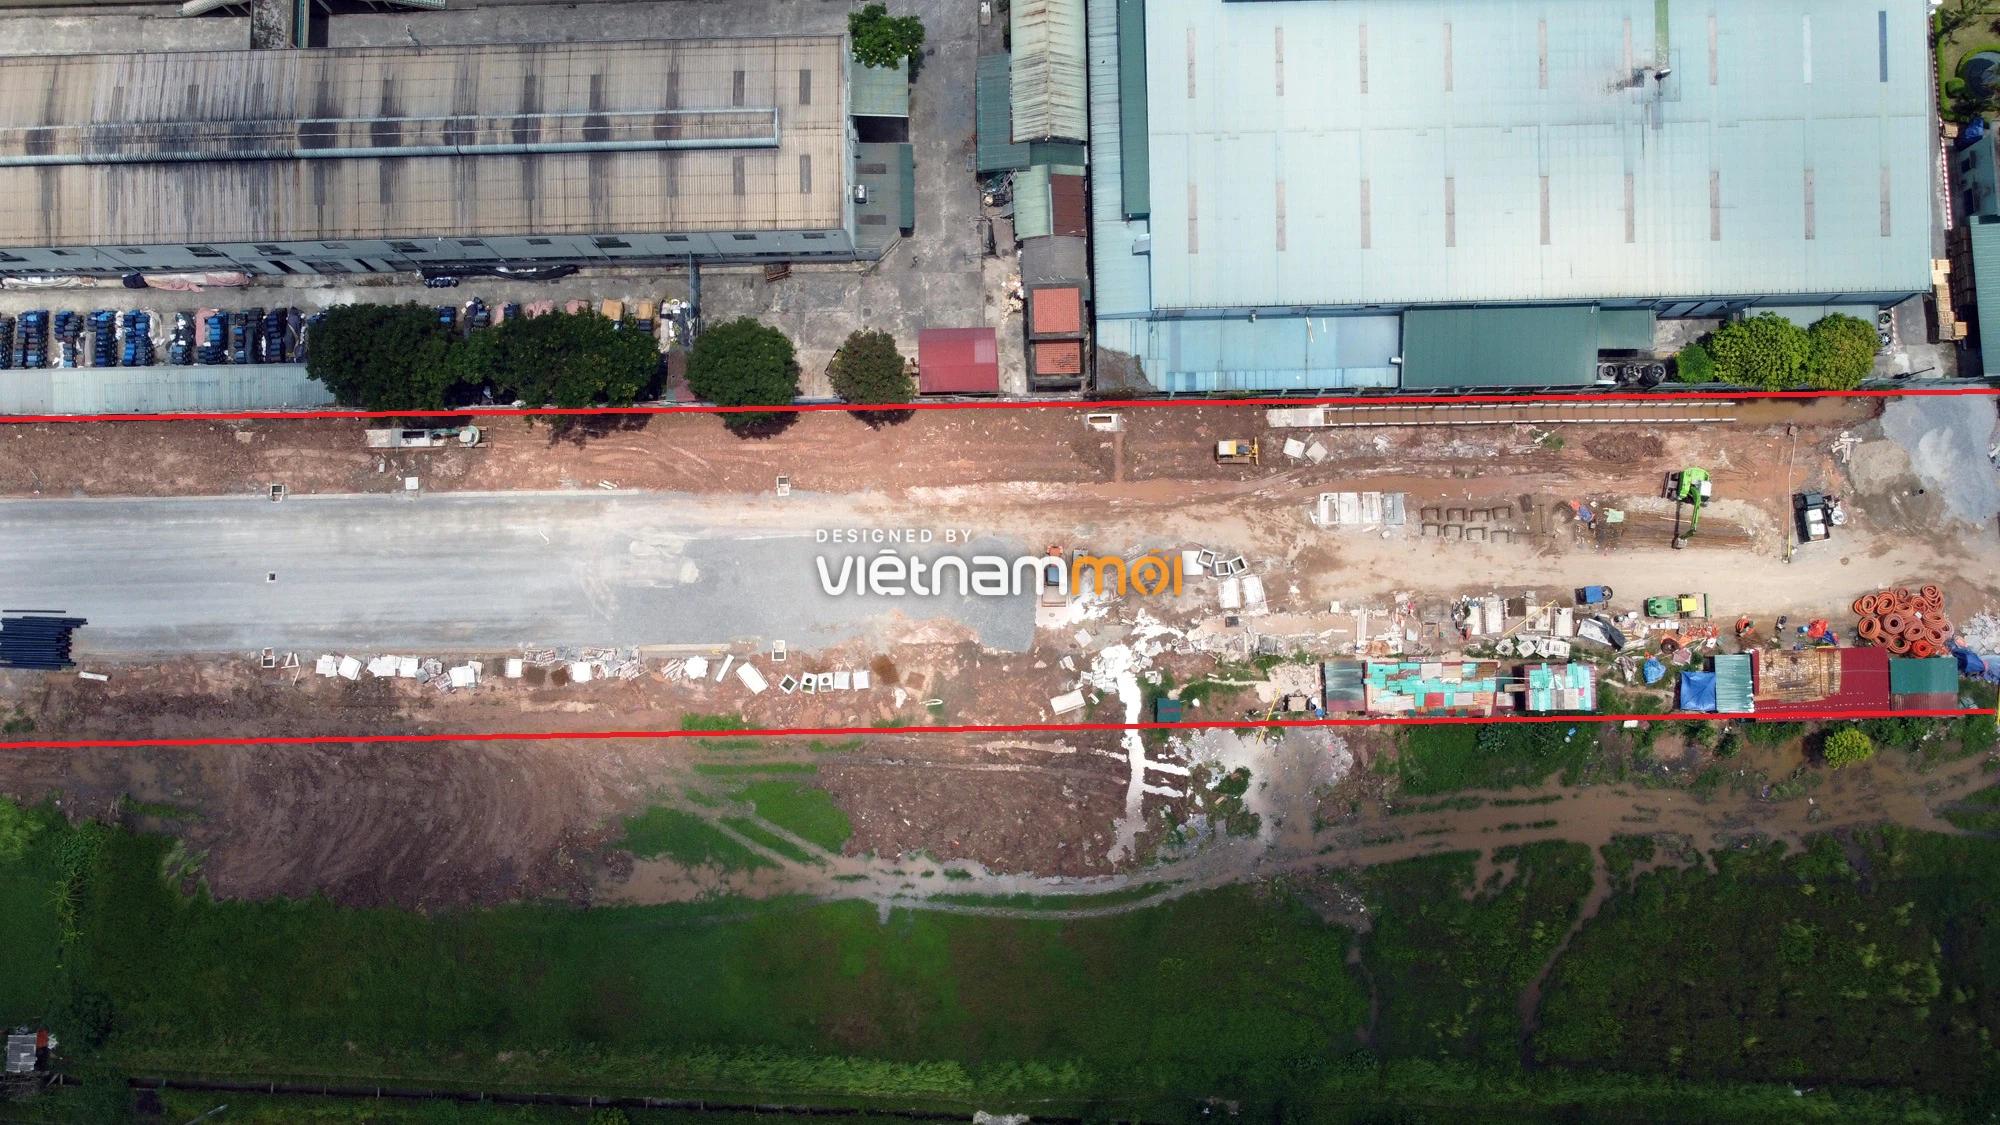 Toàn cảnh tuyến đường từ KĐT Đặng Xá đến Ỷ Lan đang mở theo quy hoạch ở Hà Nội - Ảnh 5.